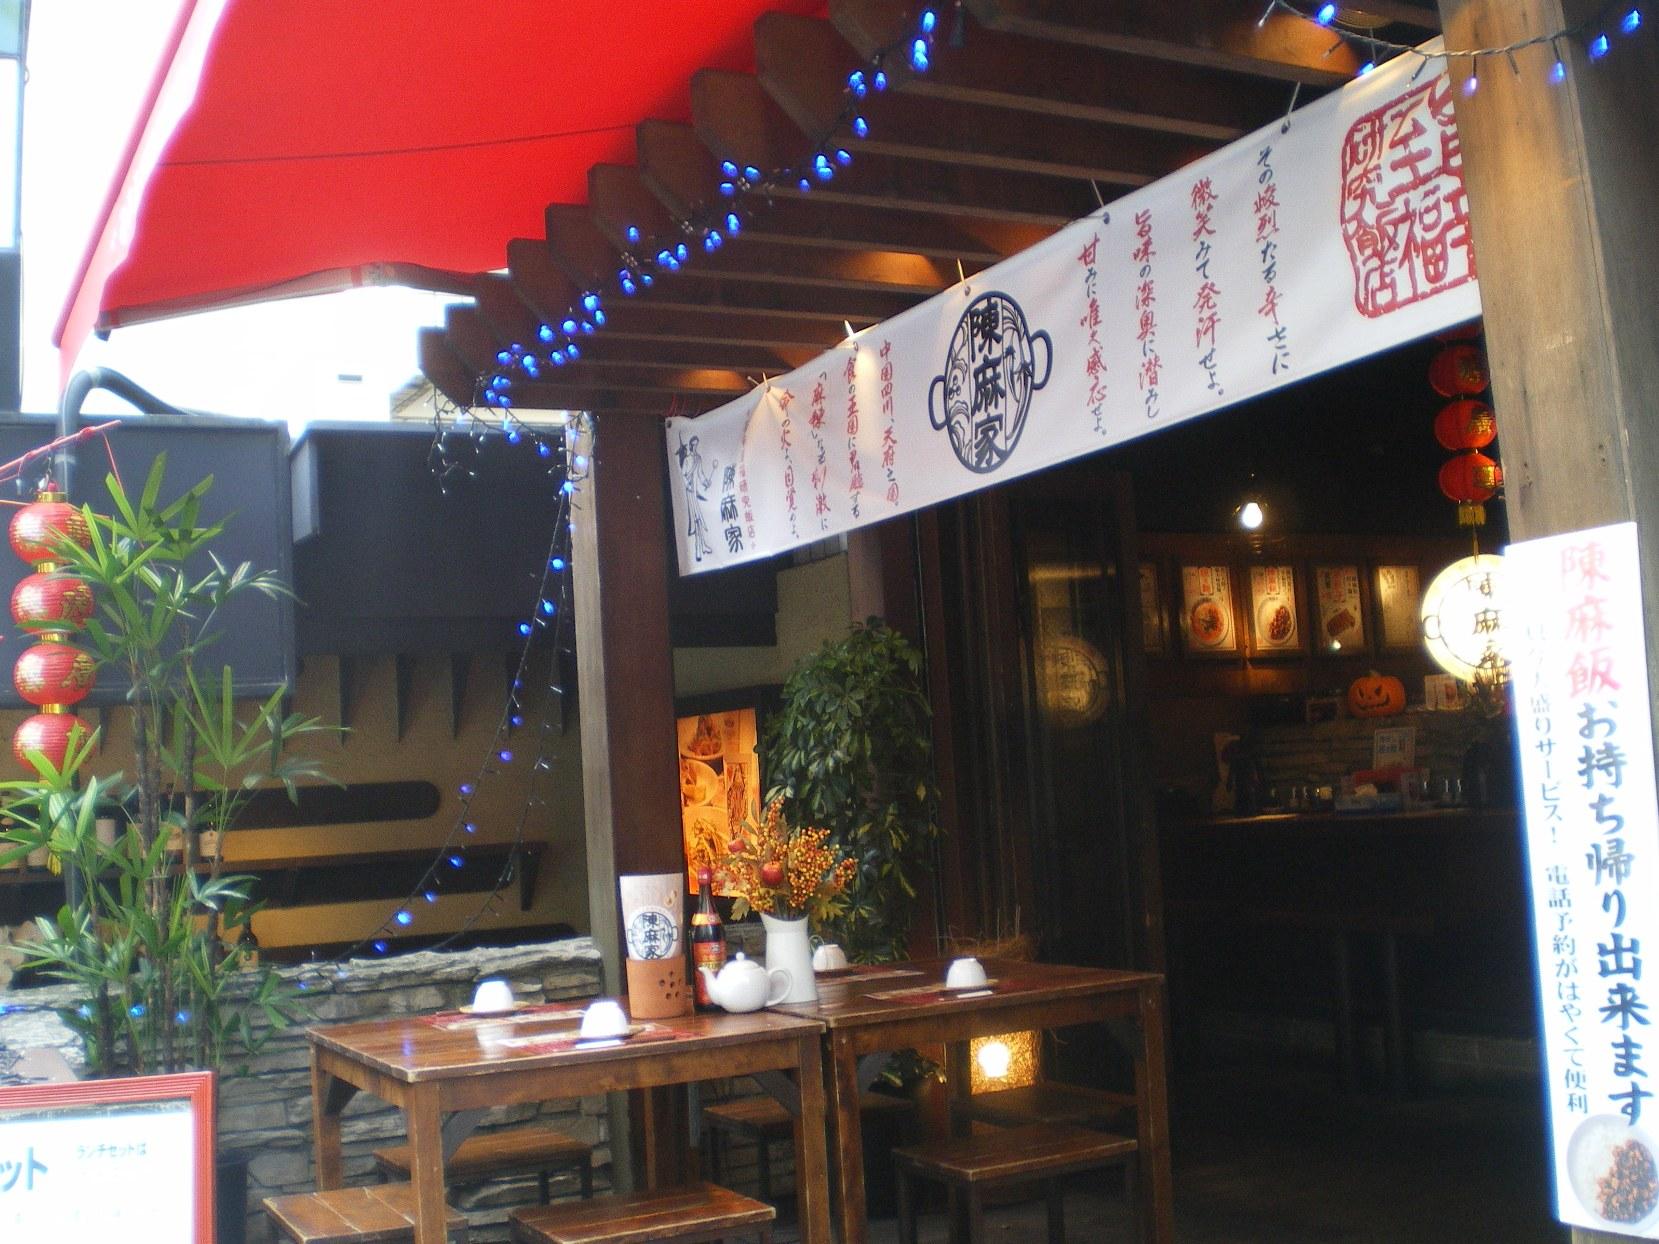 陳麻家 渋谷宮益坂店